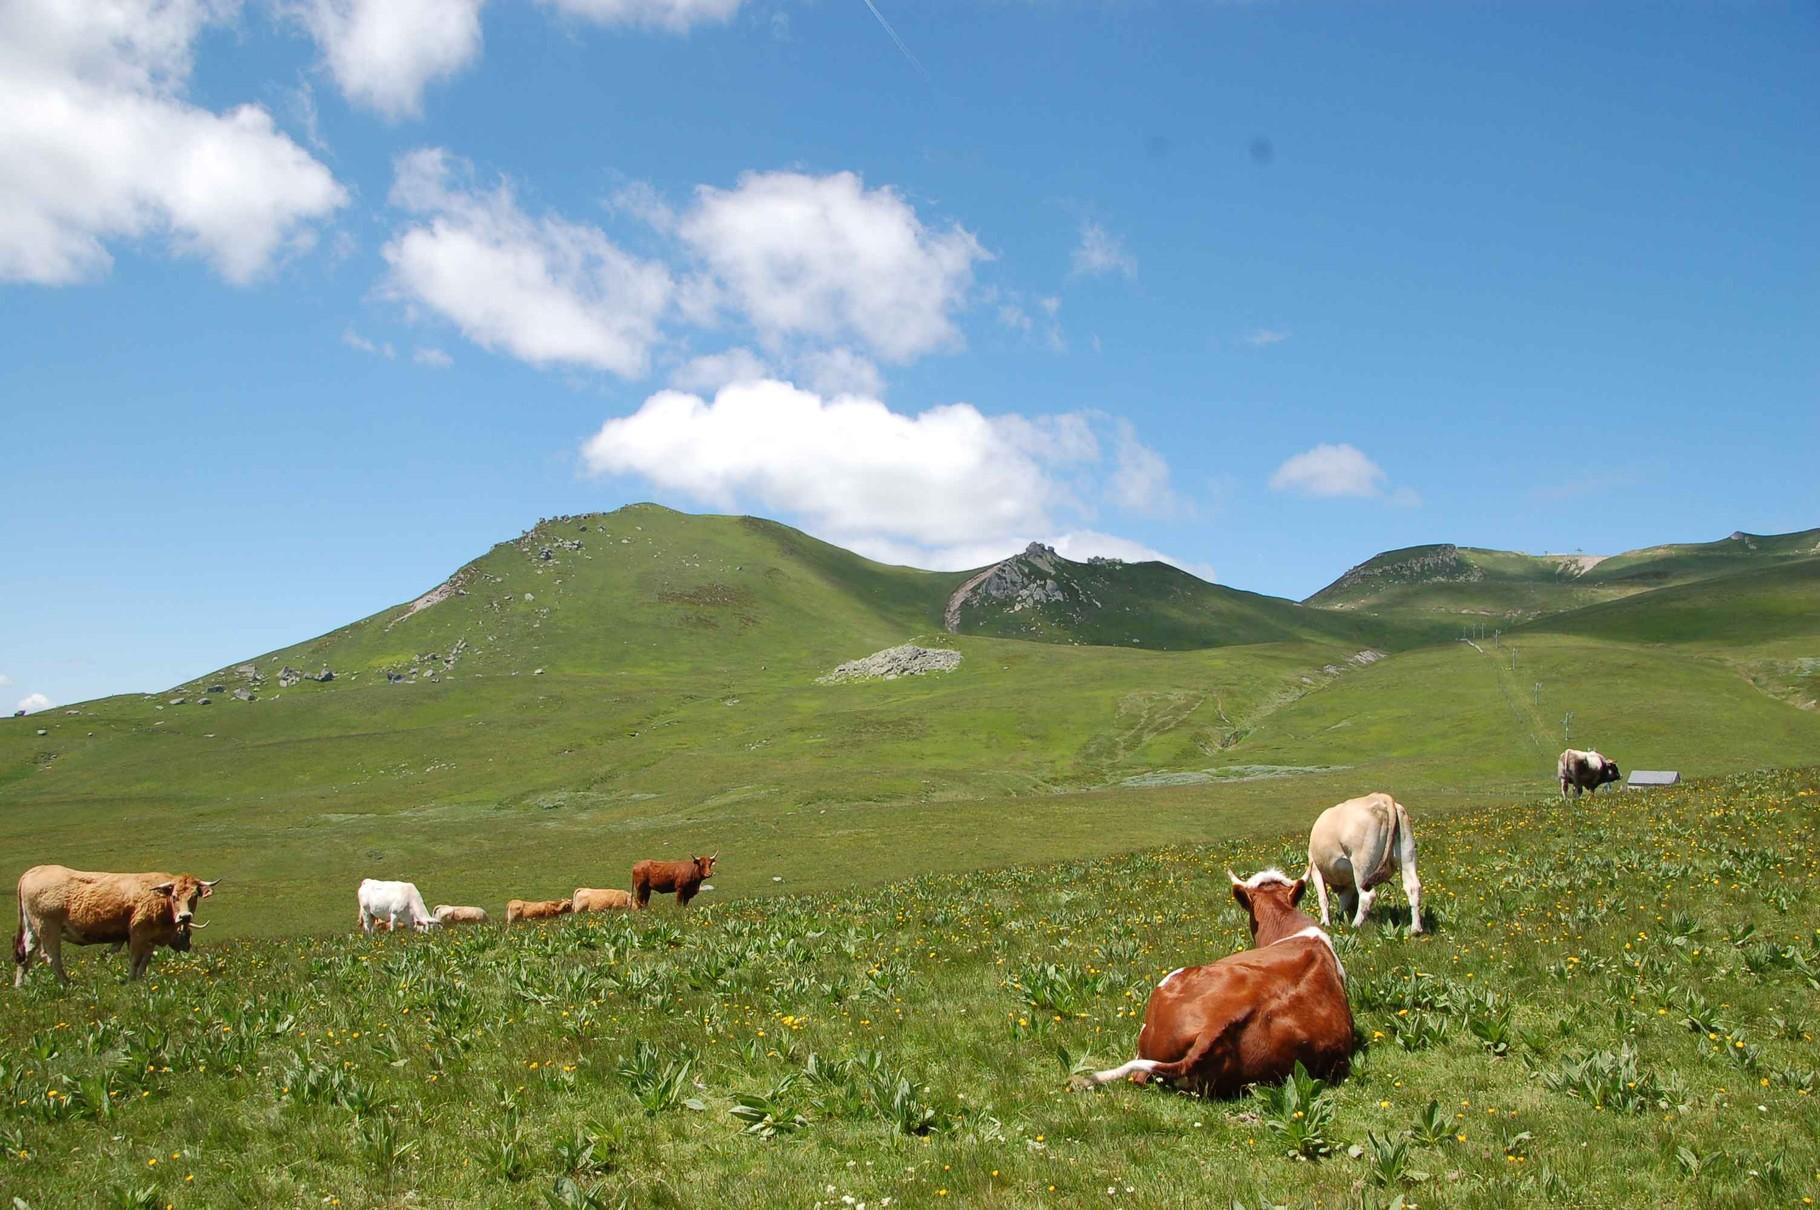 Club de randonnée de Romorantin Sologne - séjour à Picherande dans le Puy de Dôme